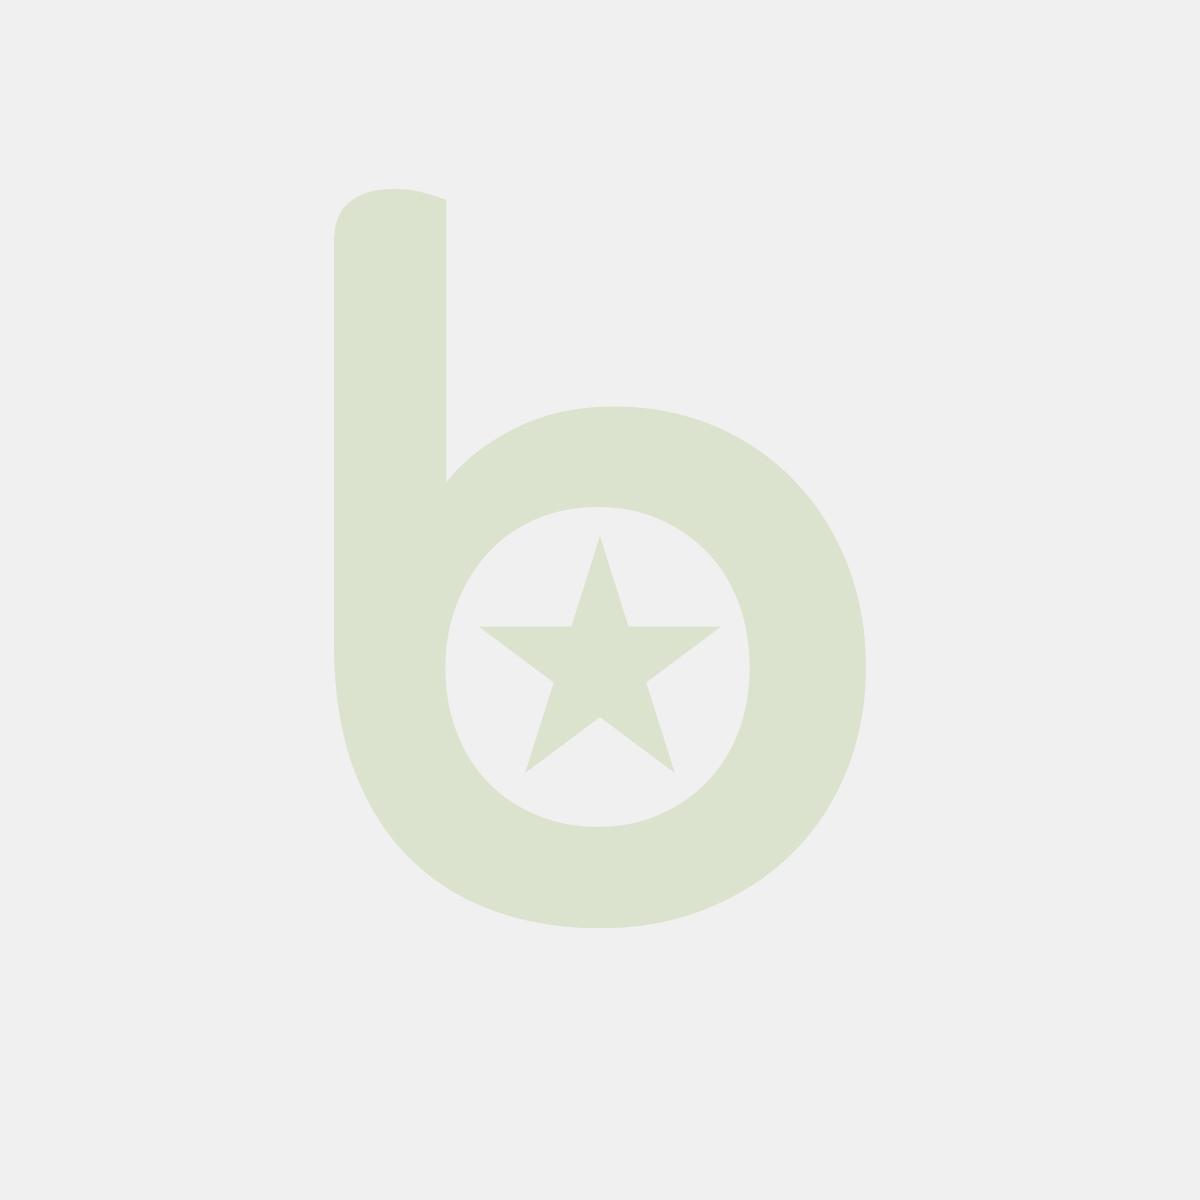 Pokrywka Do Pojemników Gn Z Polipropylenu Gn 1/6